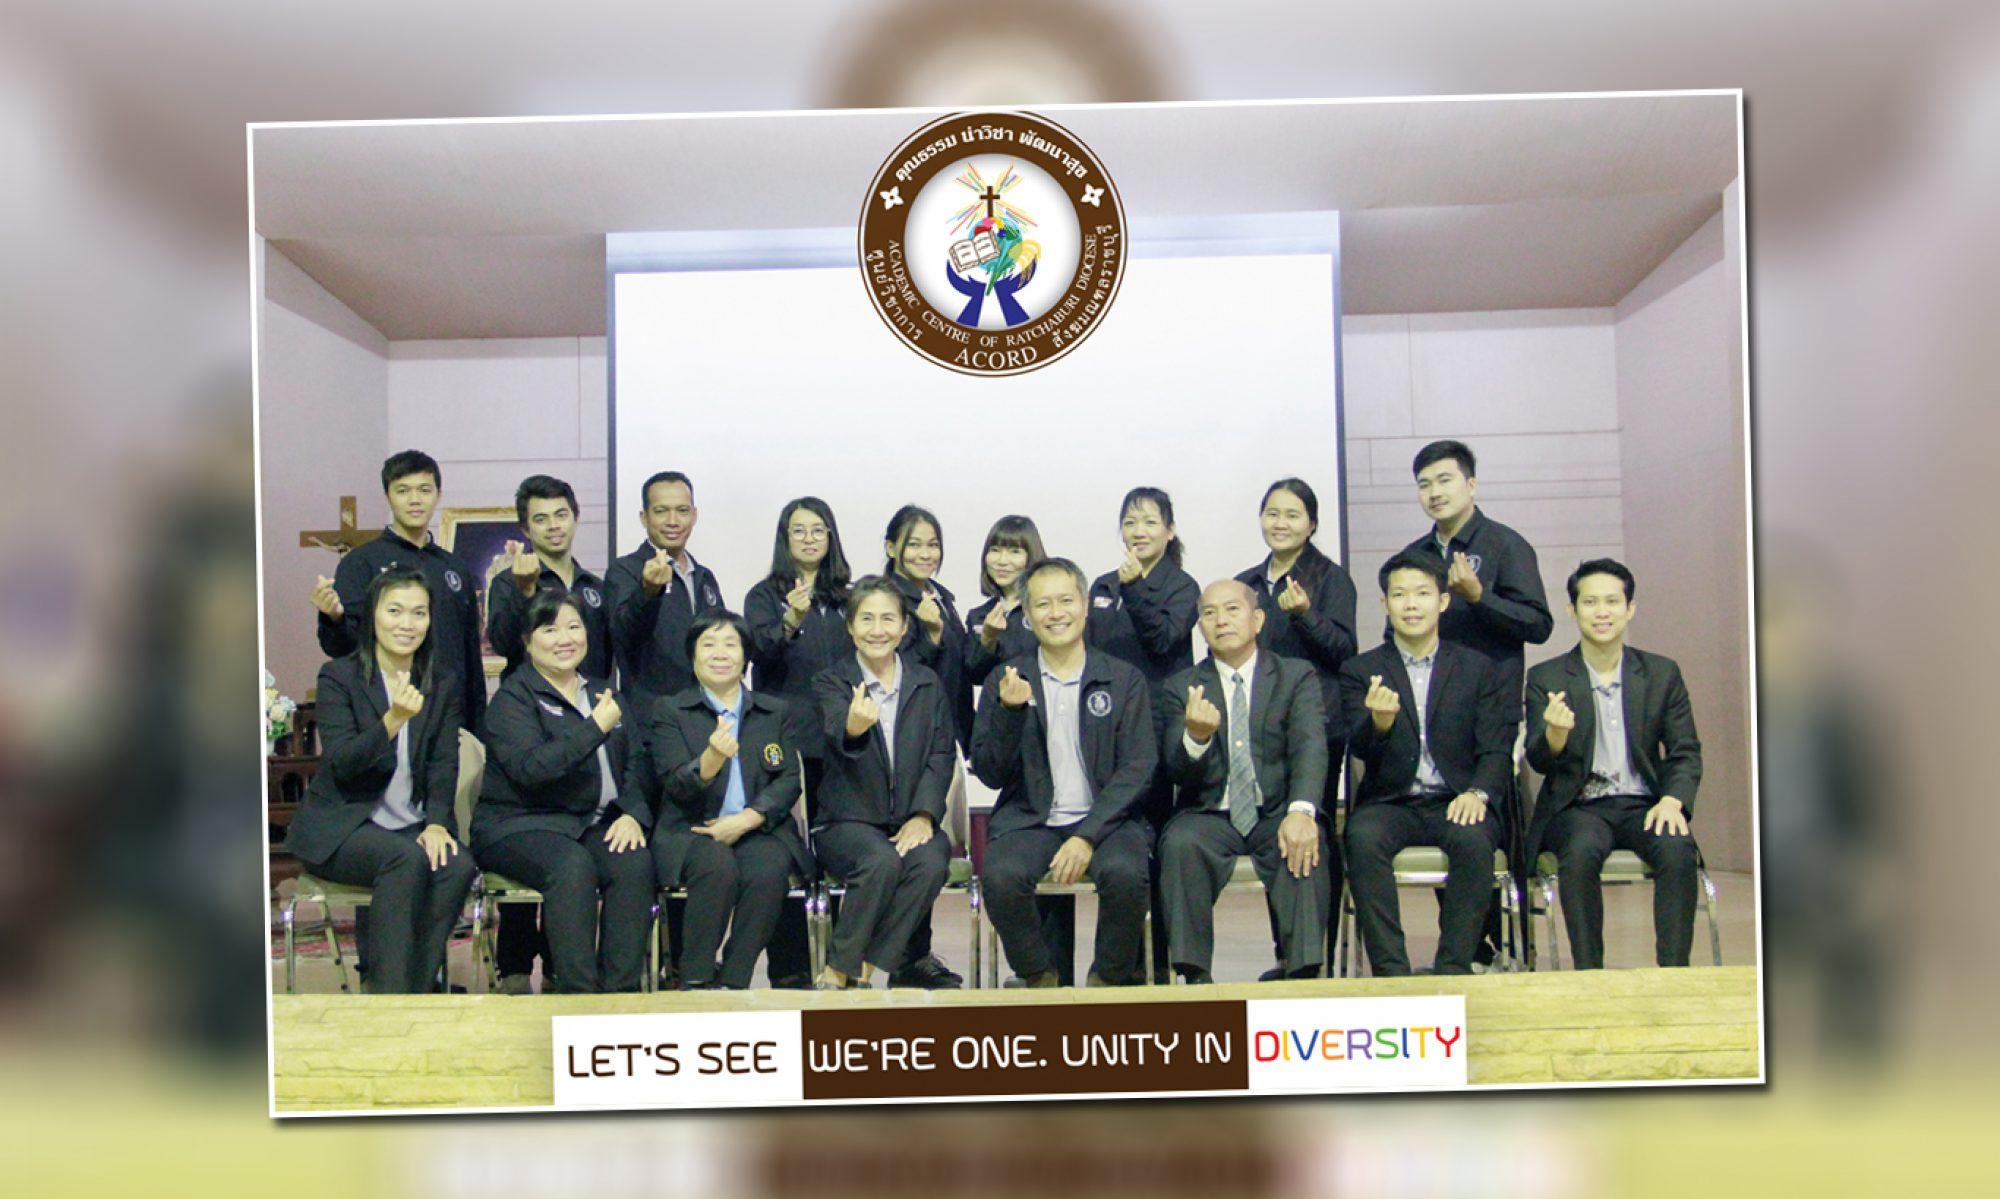 ศูนย์วิชาการโรงเรียนในสังกัดสังฆมณฑลราชบุรี